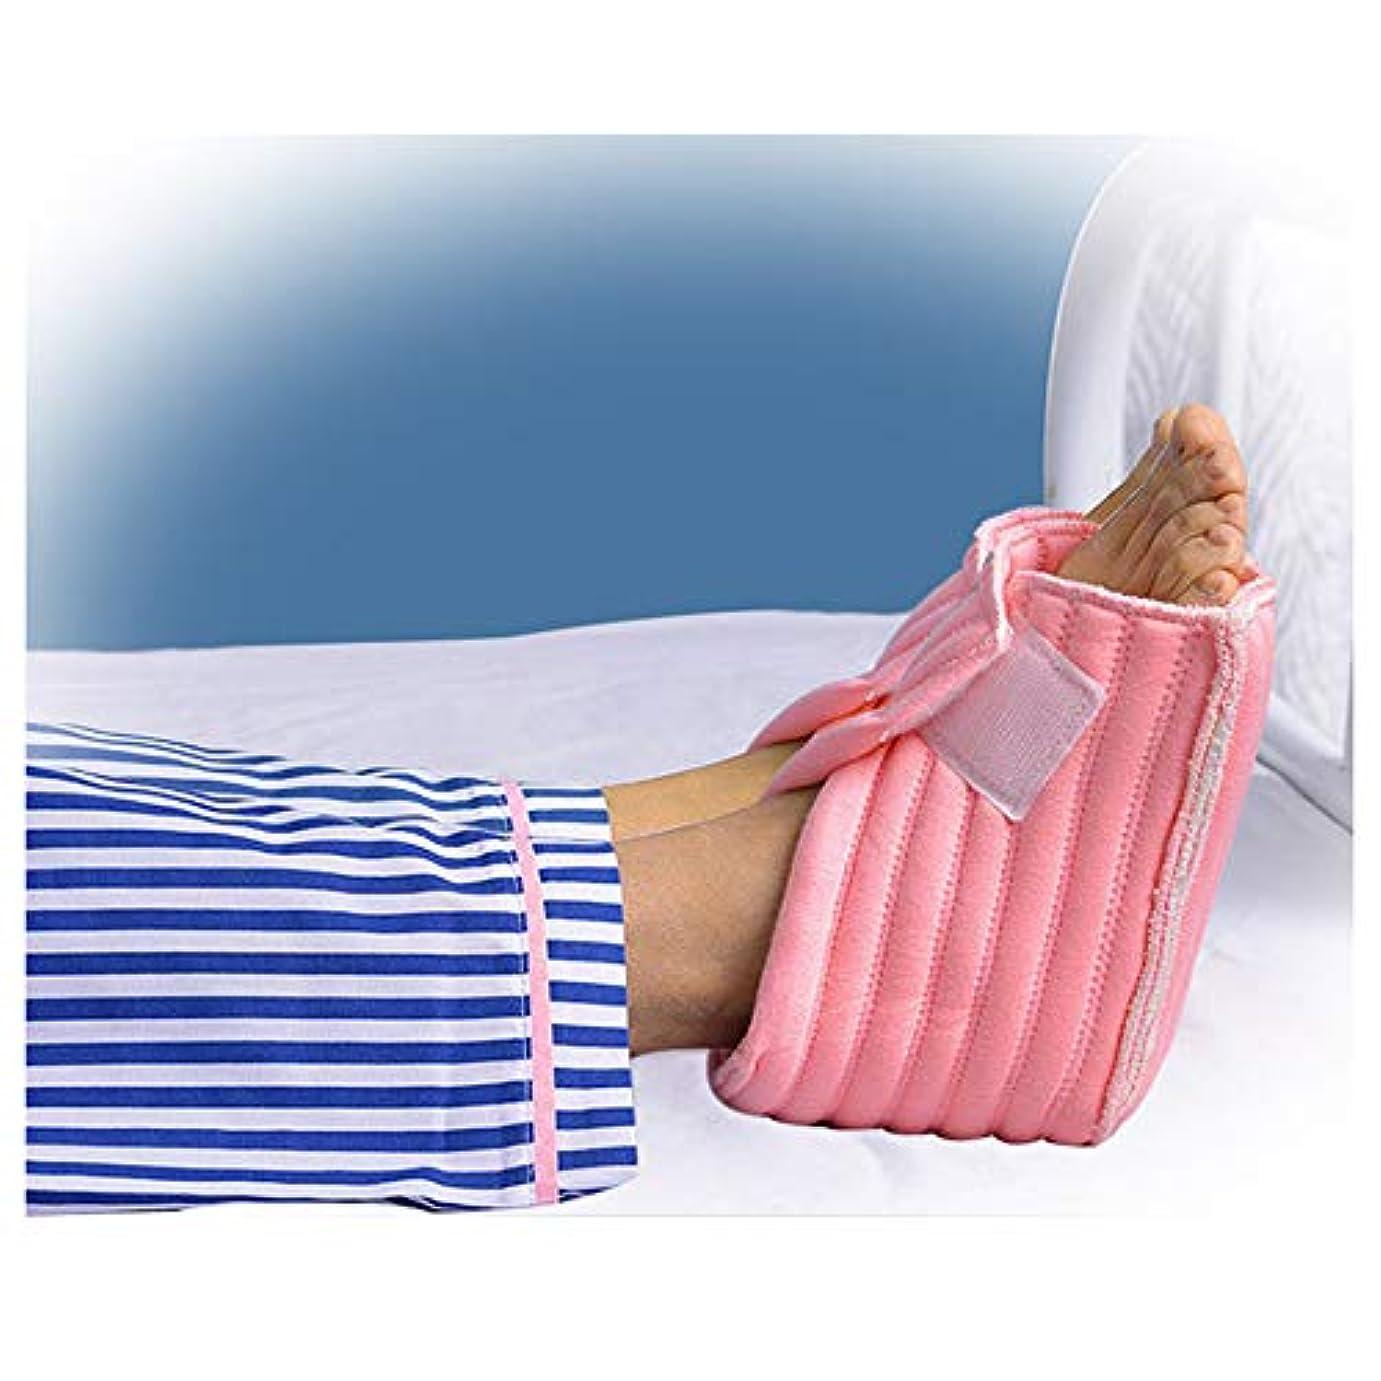 アナログ連帯交換可能ヒールプロテクター枕、足首サポート枕フットプロテクション、足枕、1ペア、ピンク